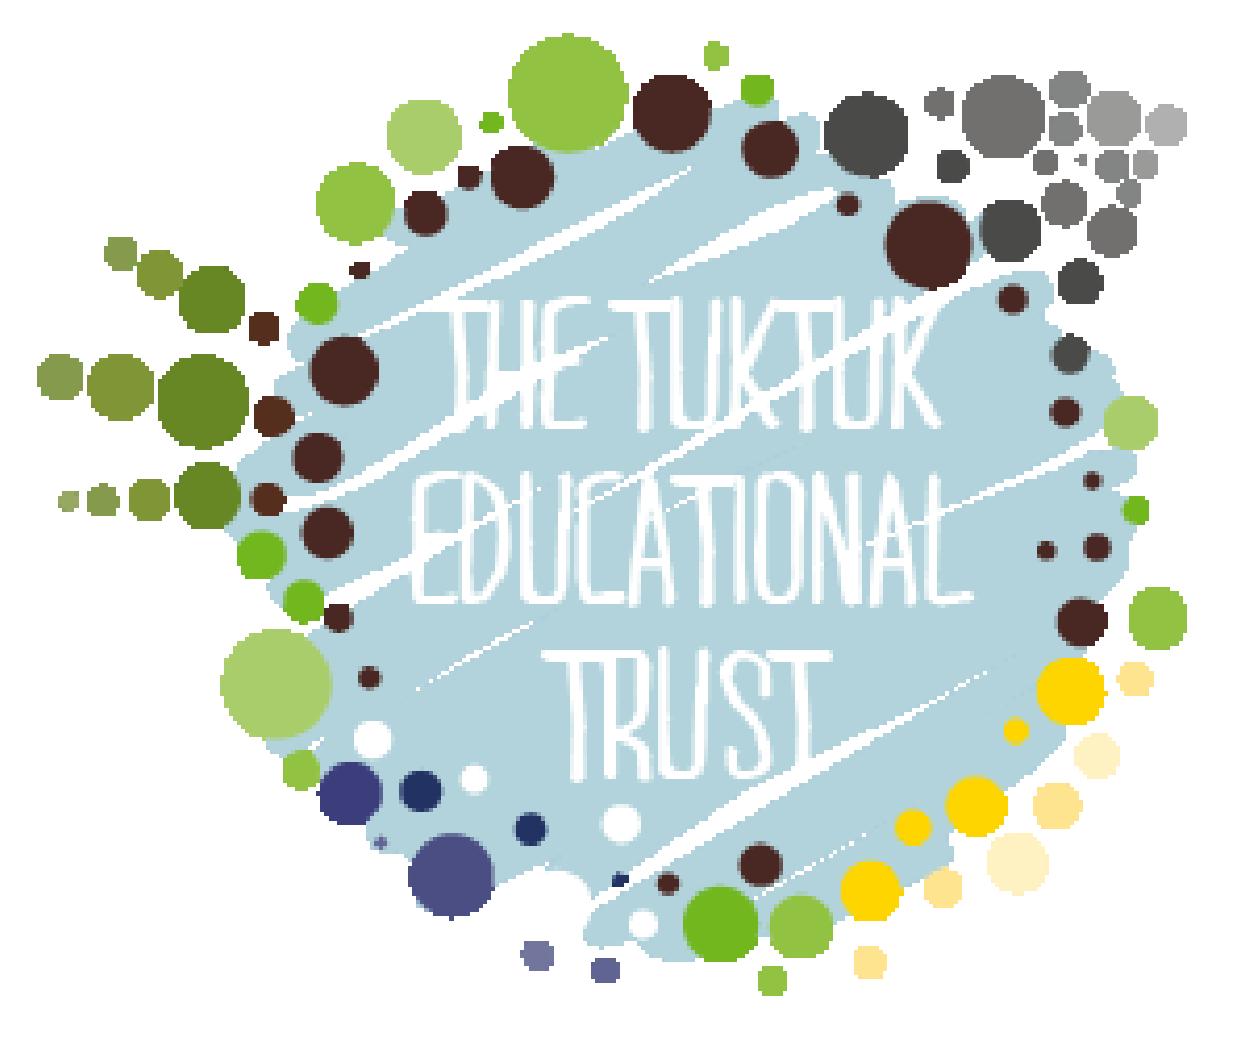 the tuk tuk educational trust